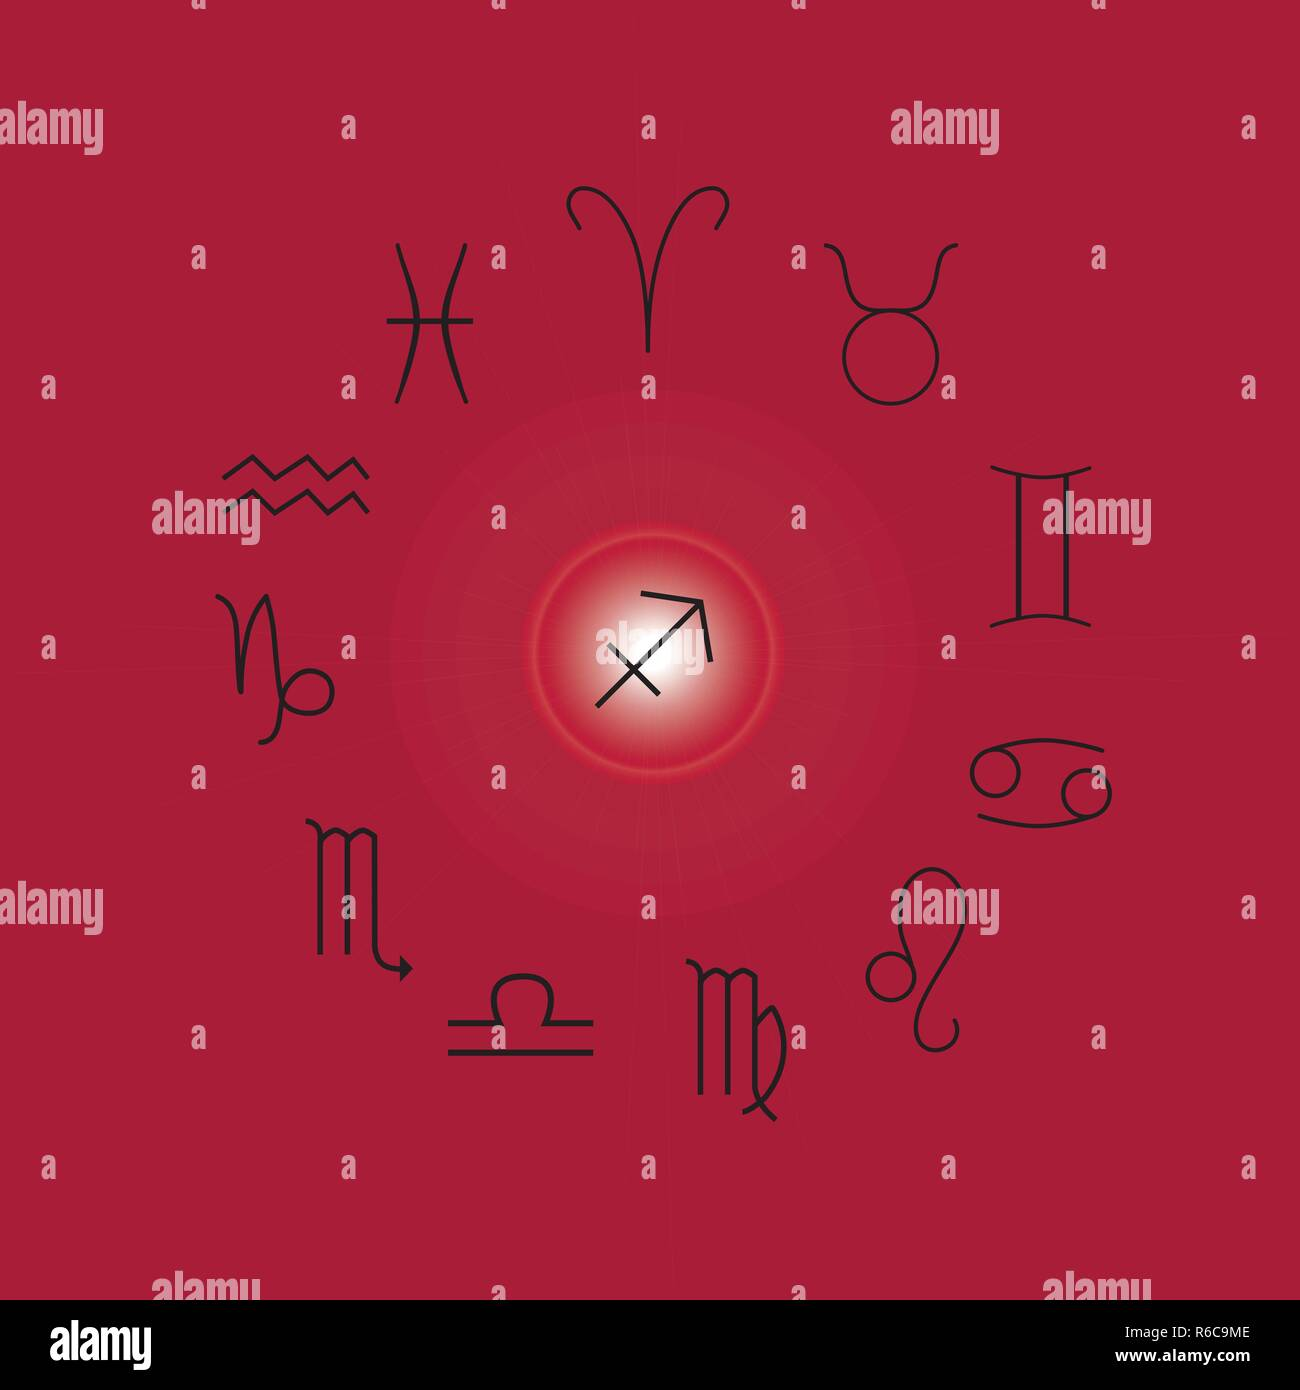 Signos Astrológicos, símbolos del zodíaco, Horóscopo, astrología y signos místicos ilustración vectorial sobre un fondo de color magenta Ilustración del Vector